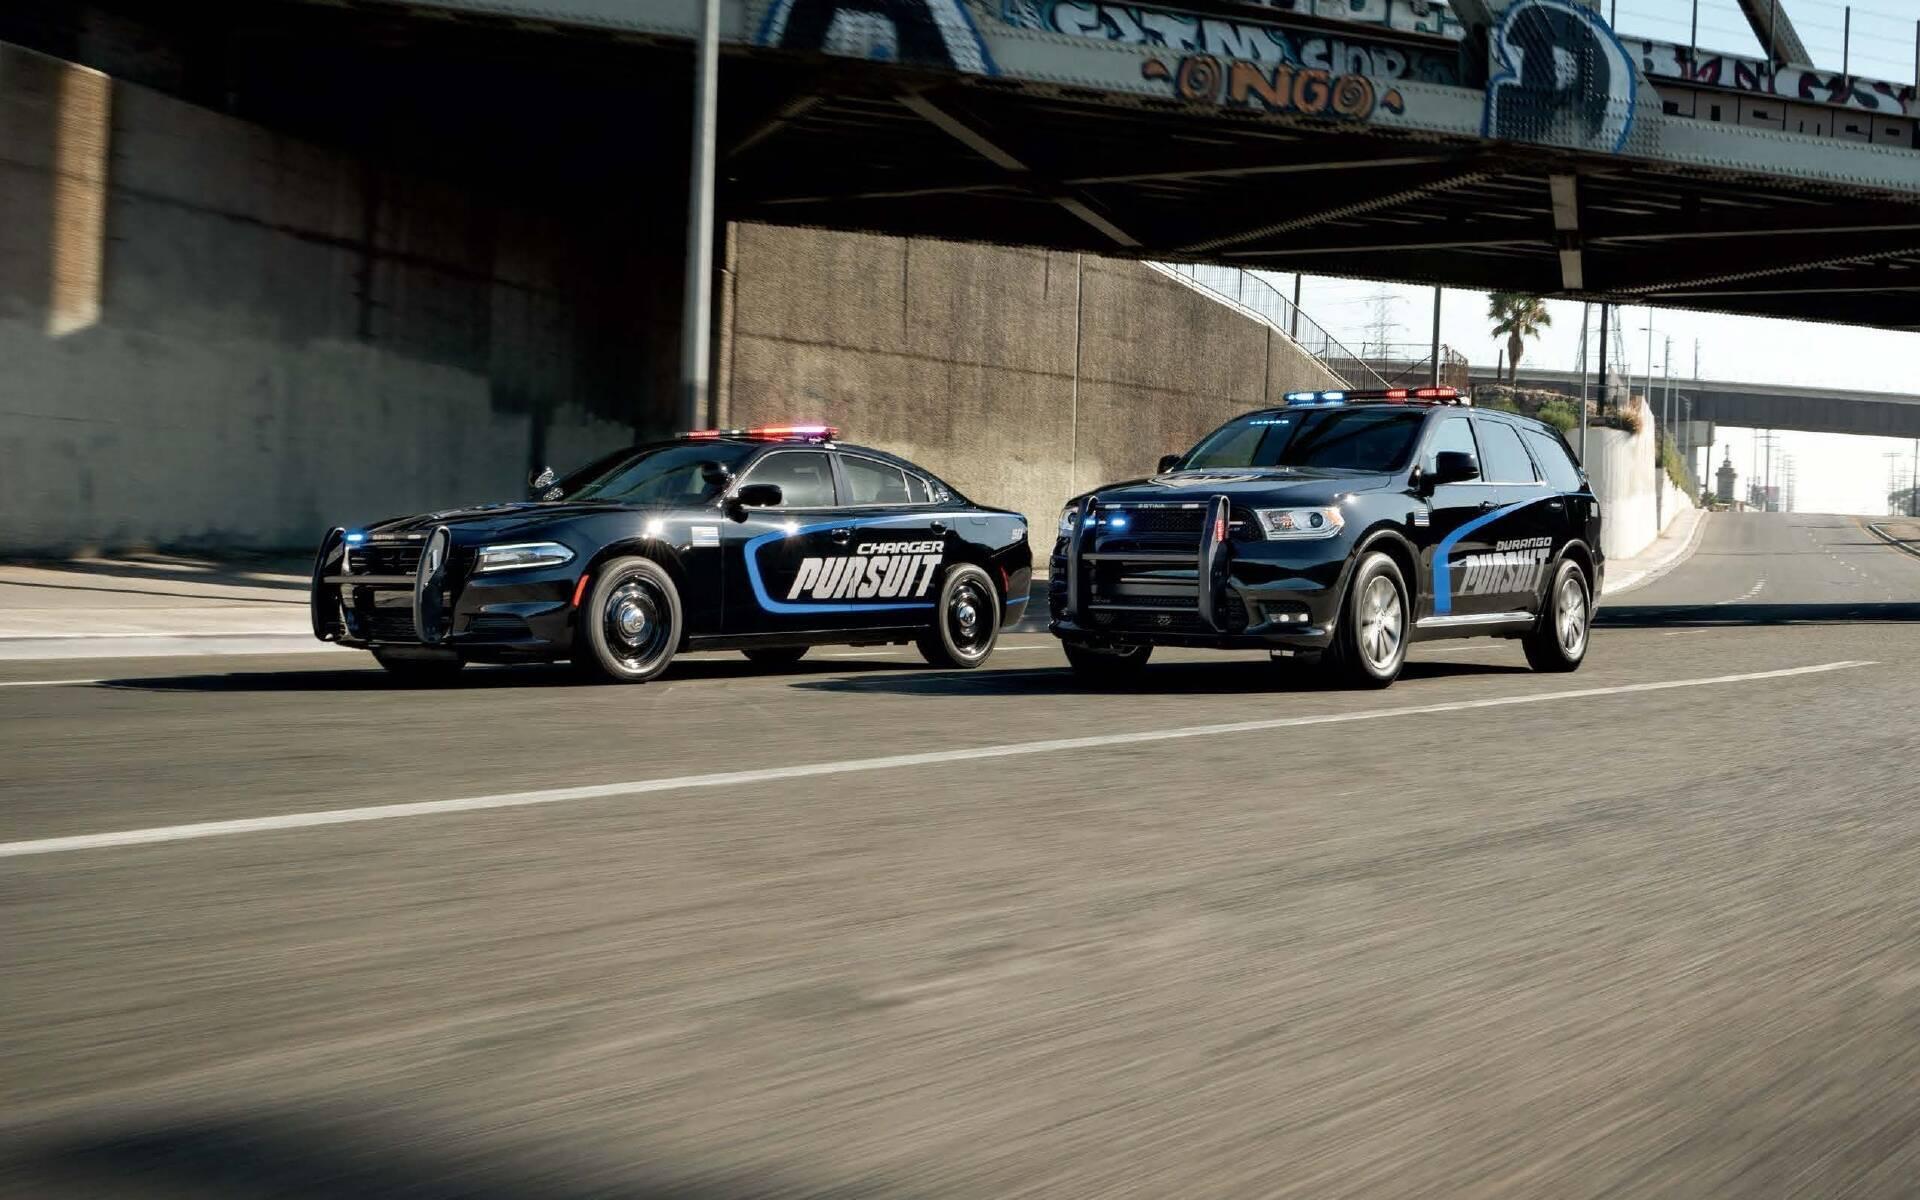 <p>Dodge Charger Pursuit and Durango Pursuit (USA)</p>